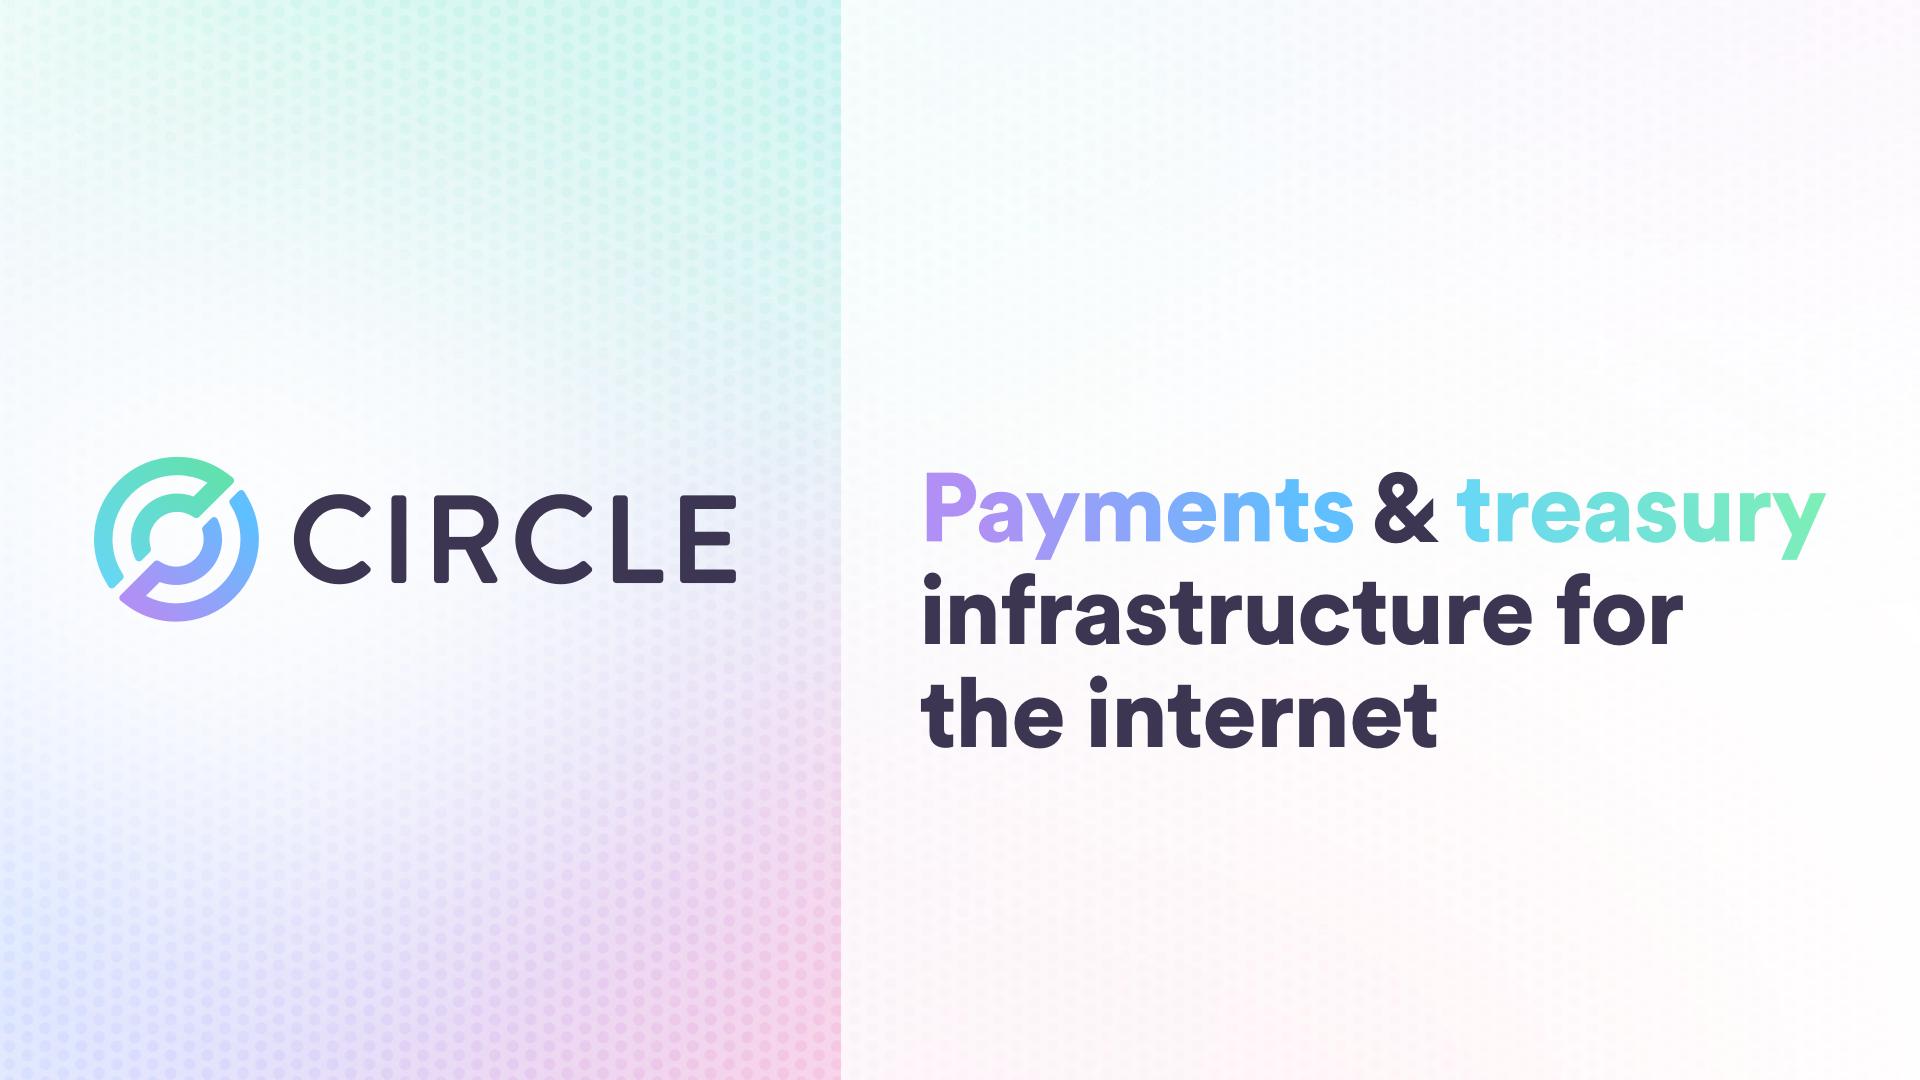 Circle to become a public company